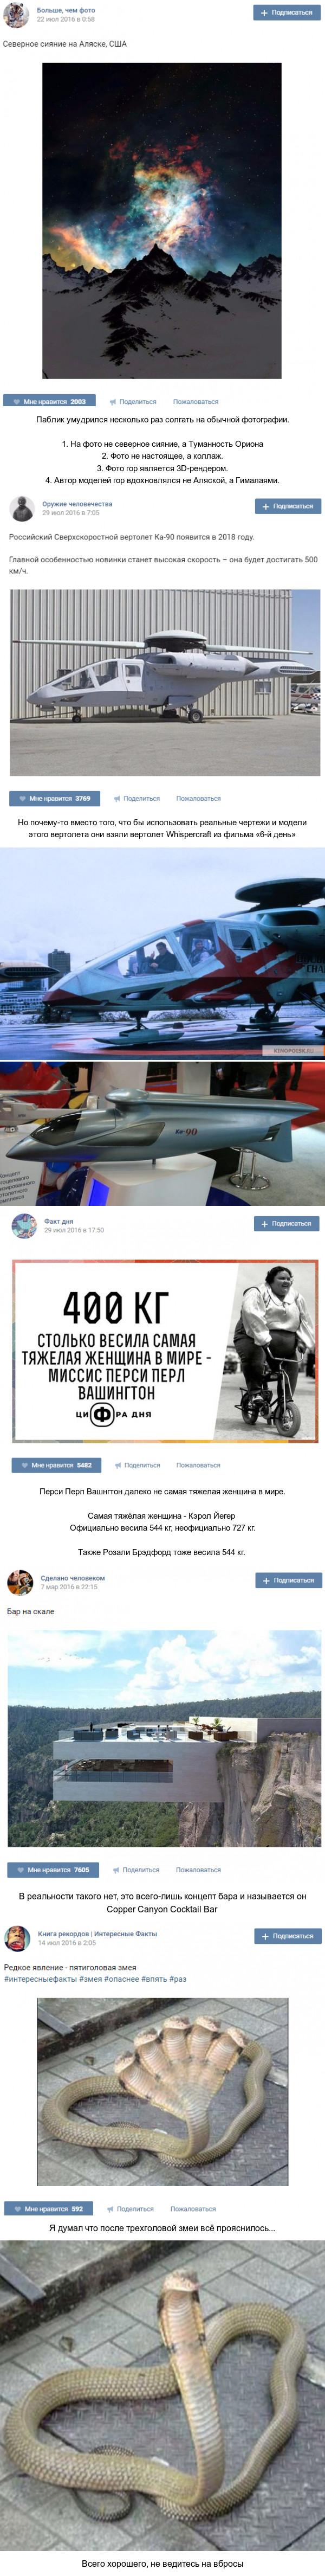 StopFake #27 стопфейк, ВКонтакте, опровержение, баян, не авторский контент, длиннопост